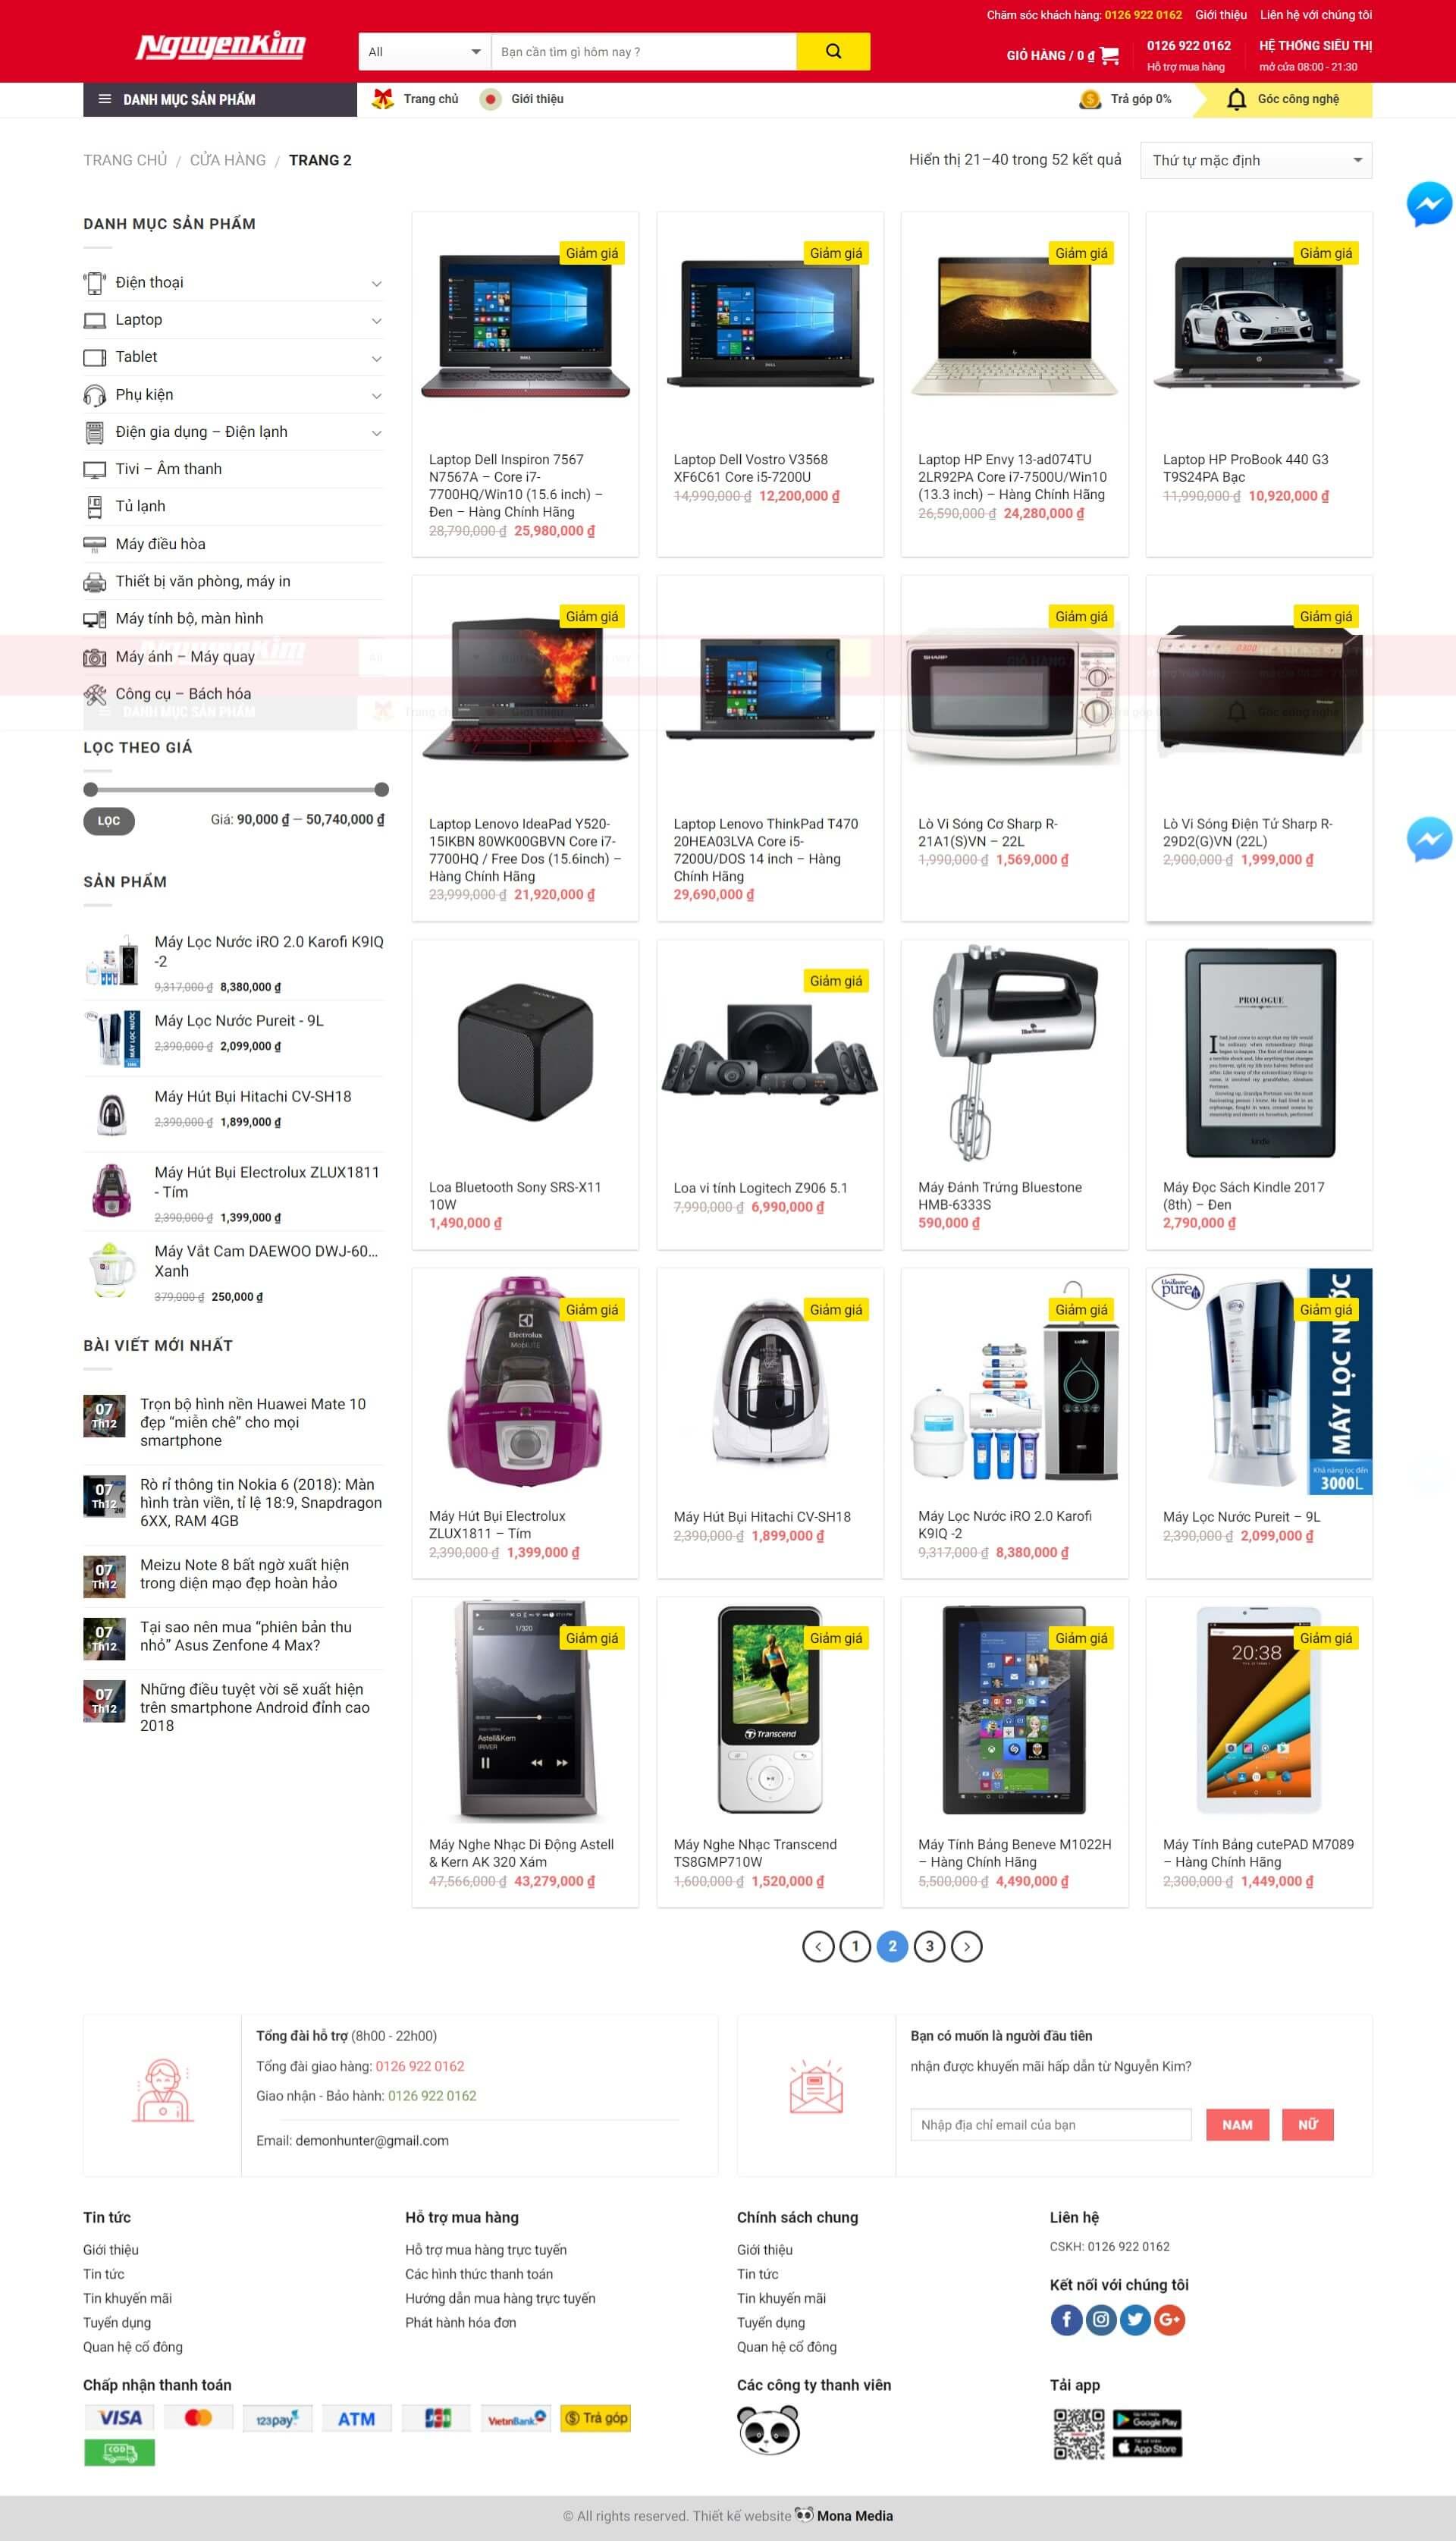 Thiết kế website bán hàng linh kiện vi tính giống website Nguyễn Kim